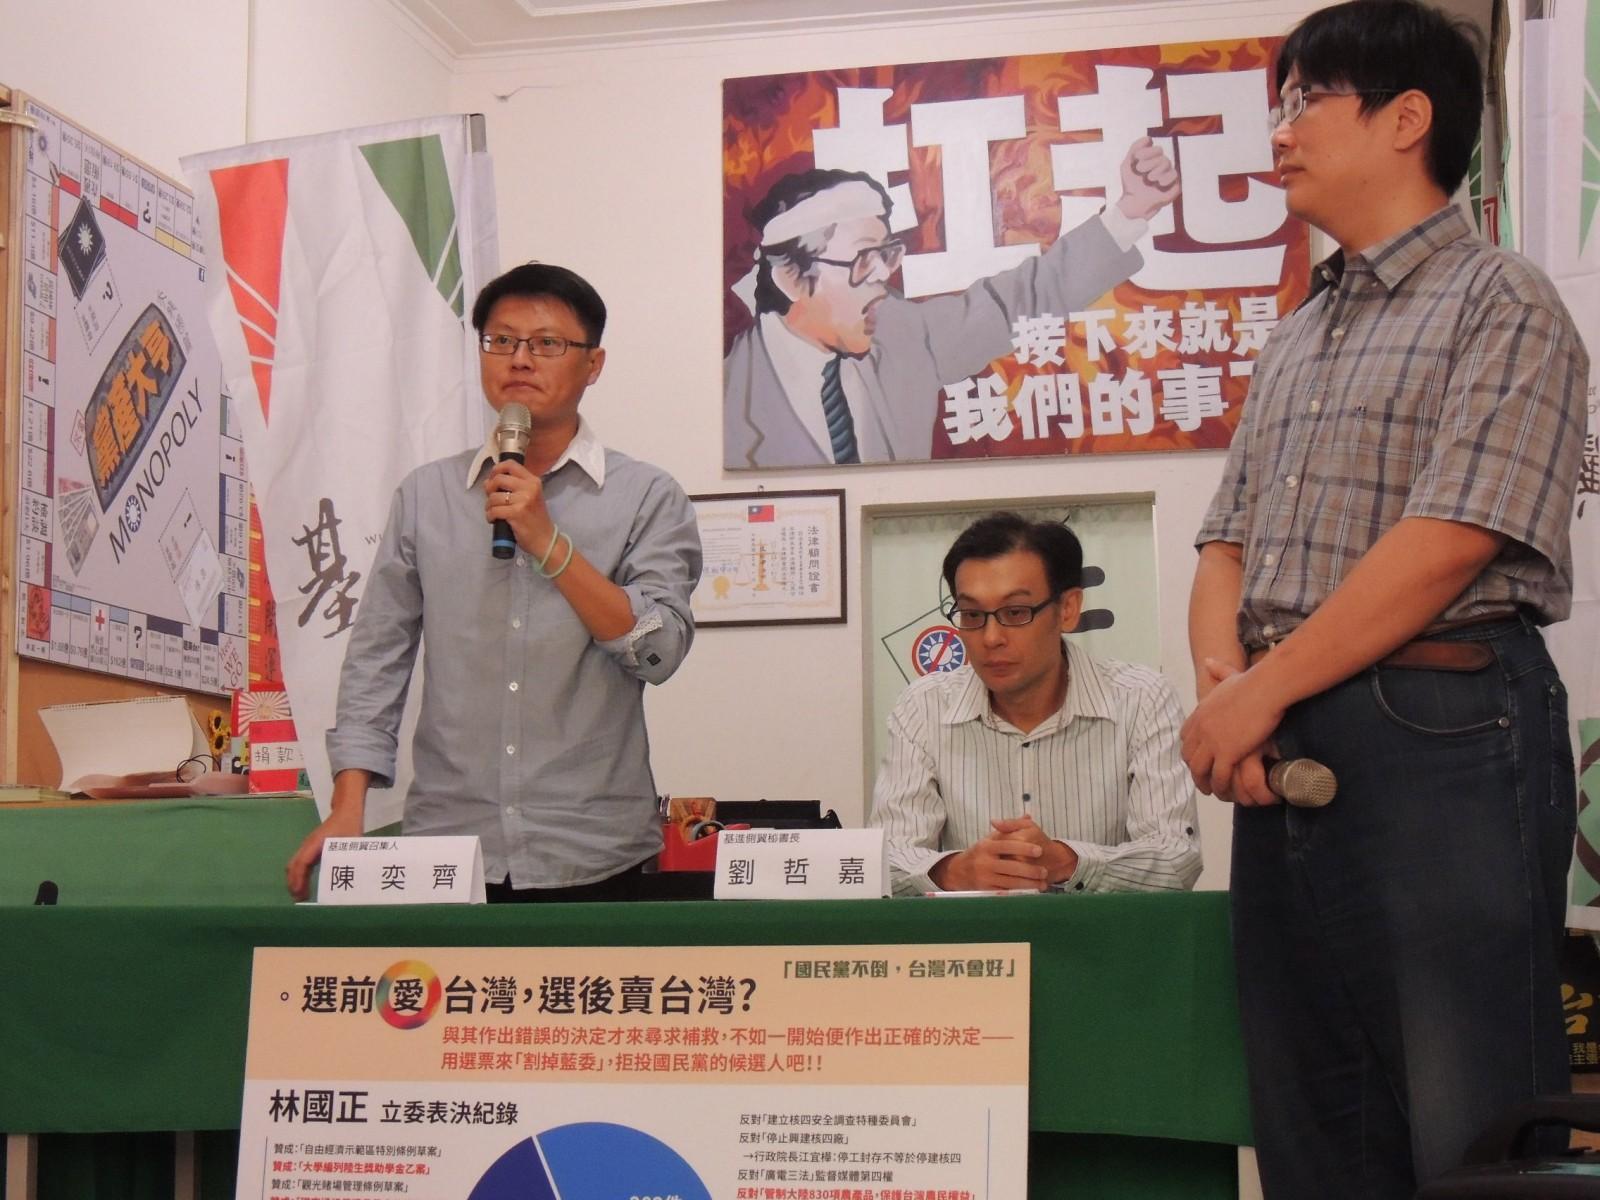 馬習會後,拒投藍委,搶救台灣!